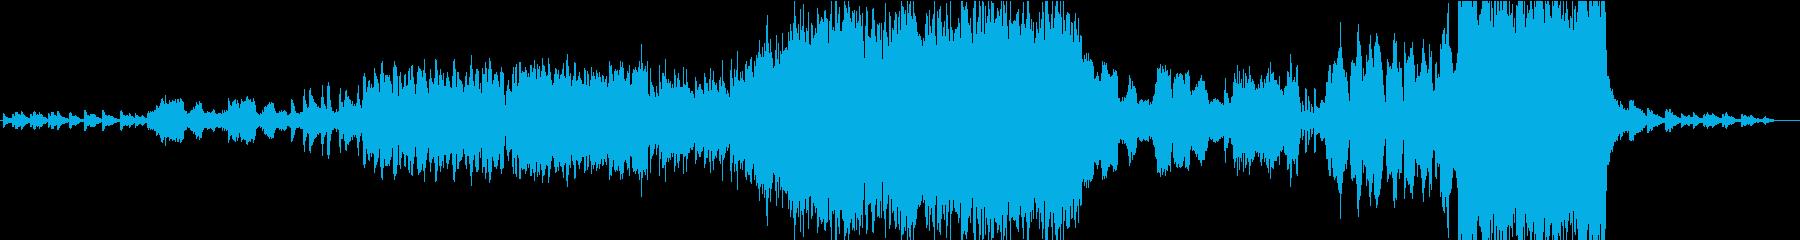 壮大で神秘的なケルト民族オーケストラの再生済みの波形